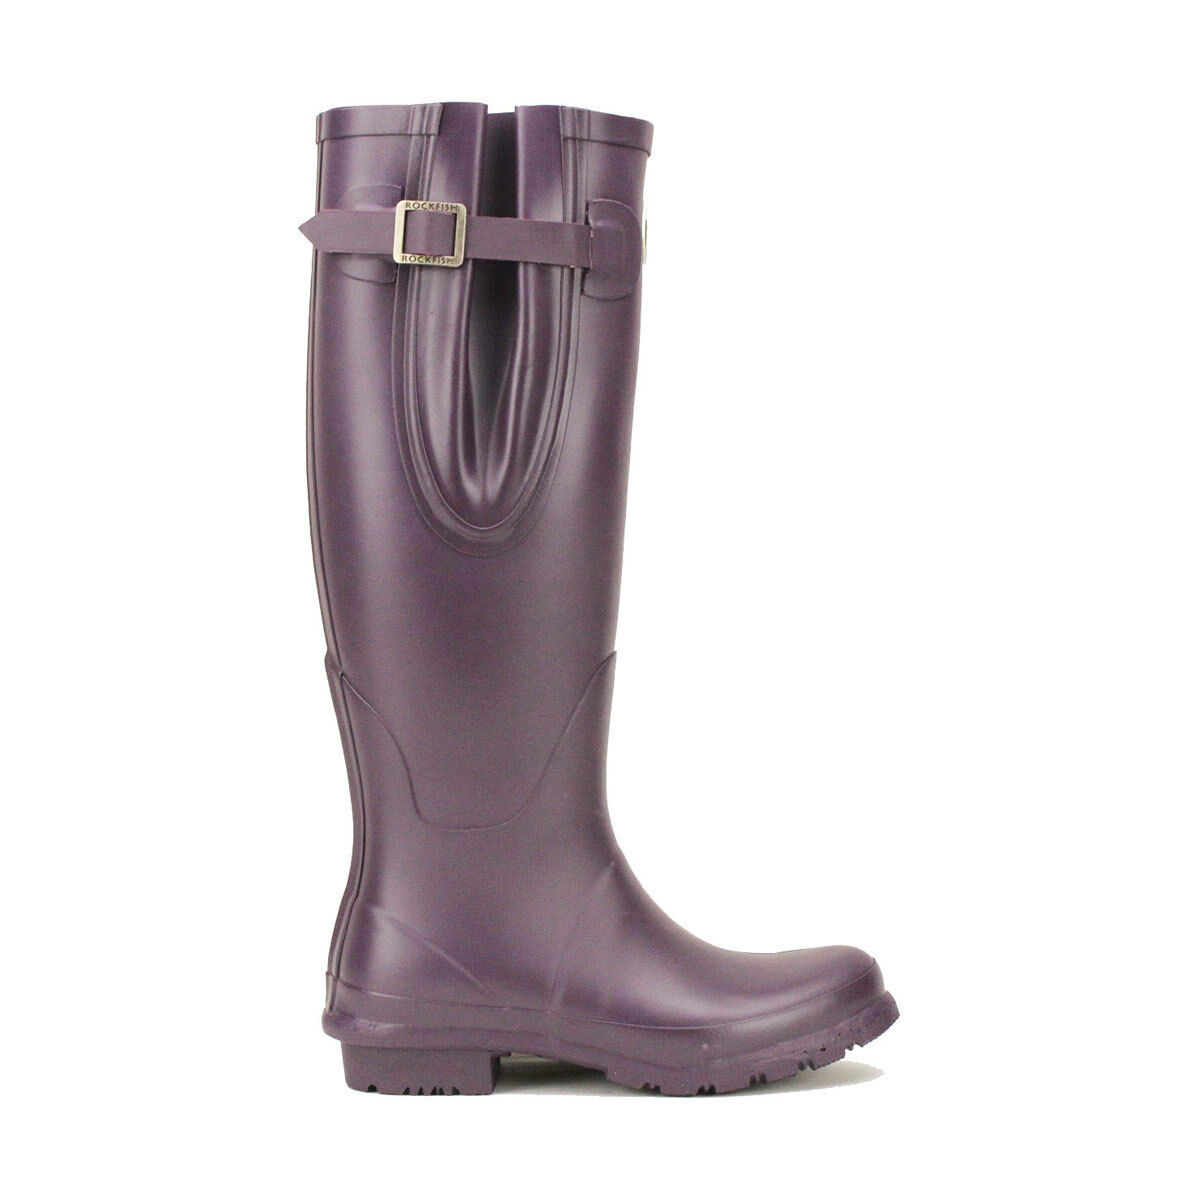 Rockfish para mujer Tall botas Wellington Mate Ajustable Varios Varios Ajustable Colors Uk3-UK8 bdbca9